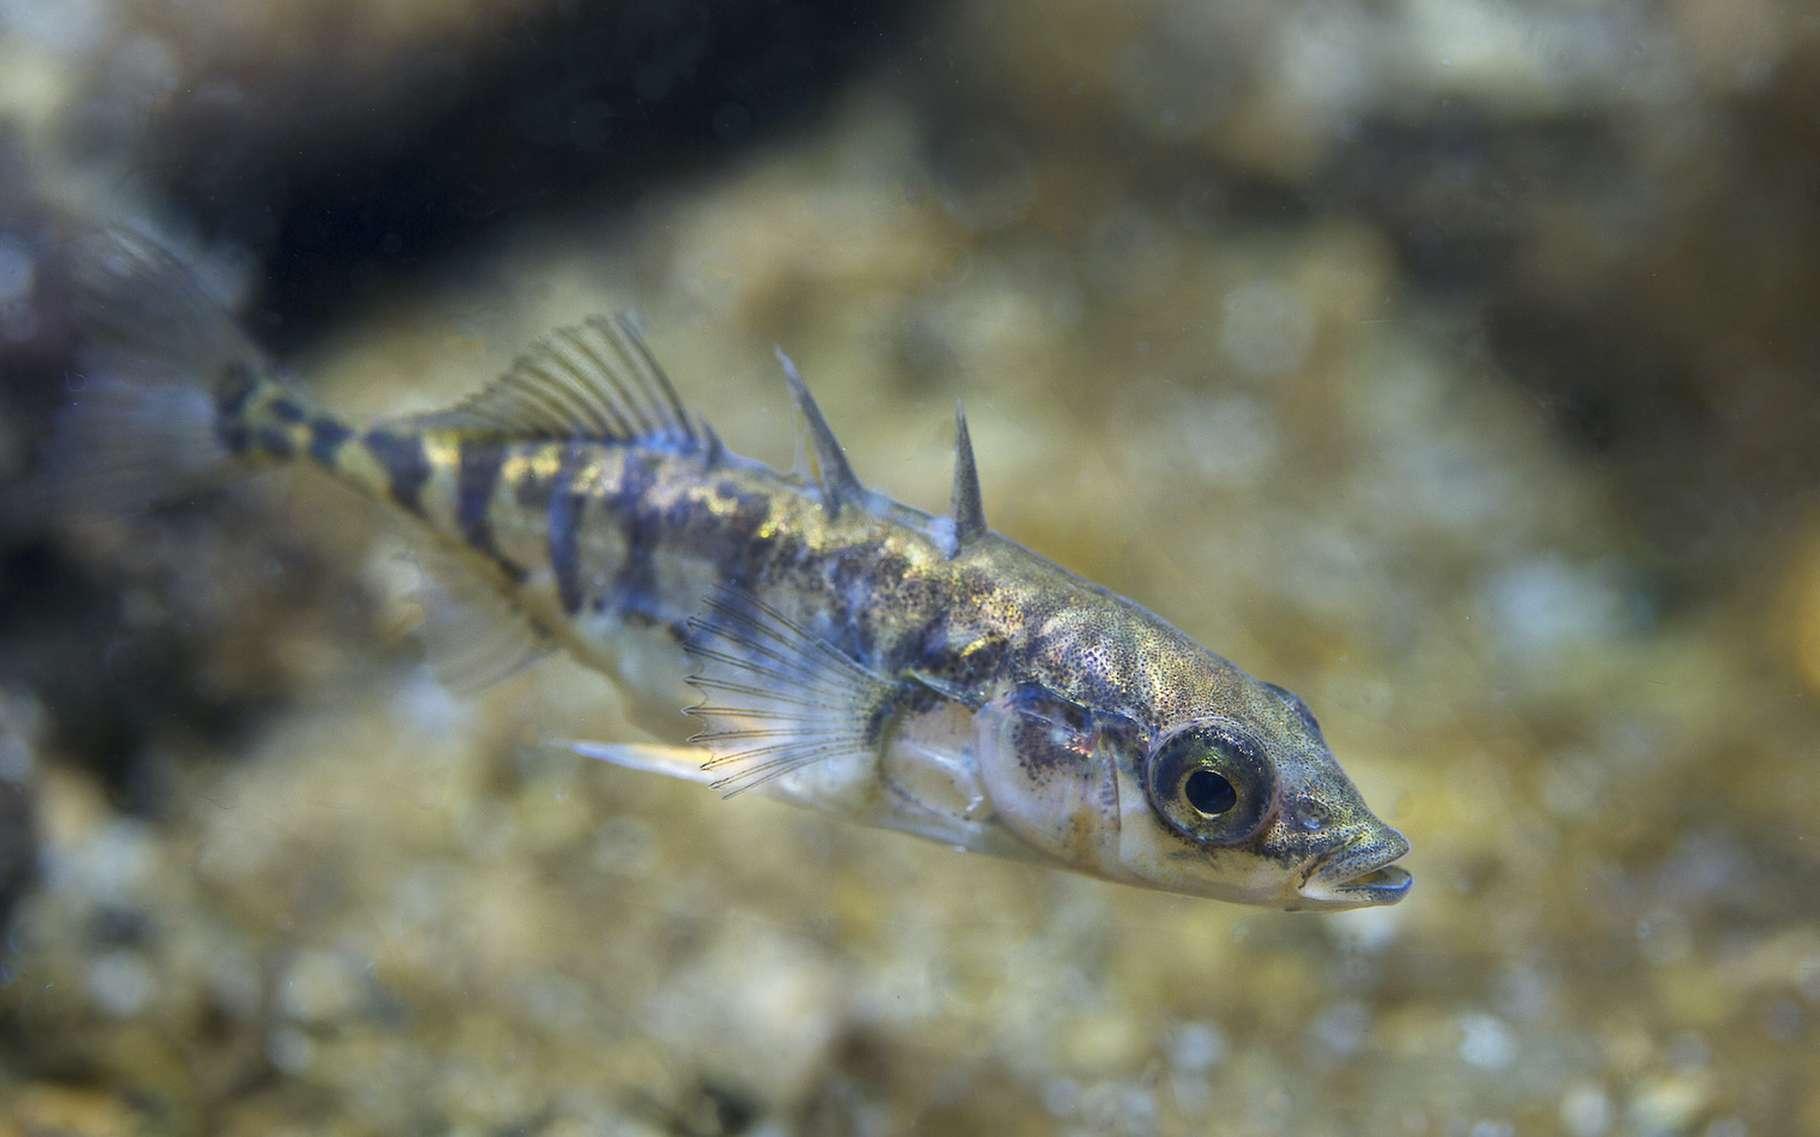 Ce petit poisson plutôt commun qu'est l'épinoche laisse paraître quelques traits de personnalité dans la manière dont il se déplace. Pas si bête, l'épinoche… © Rostislav, Adobe Stock